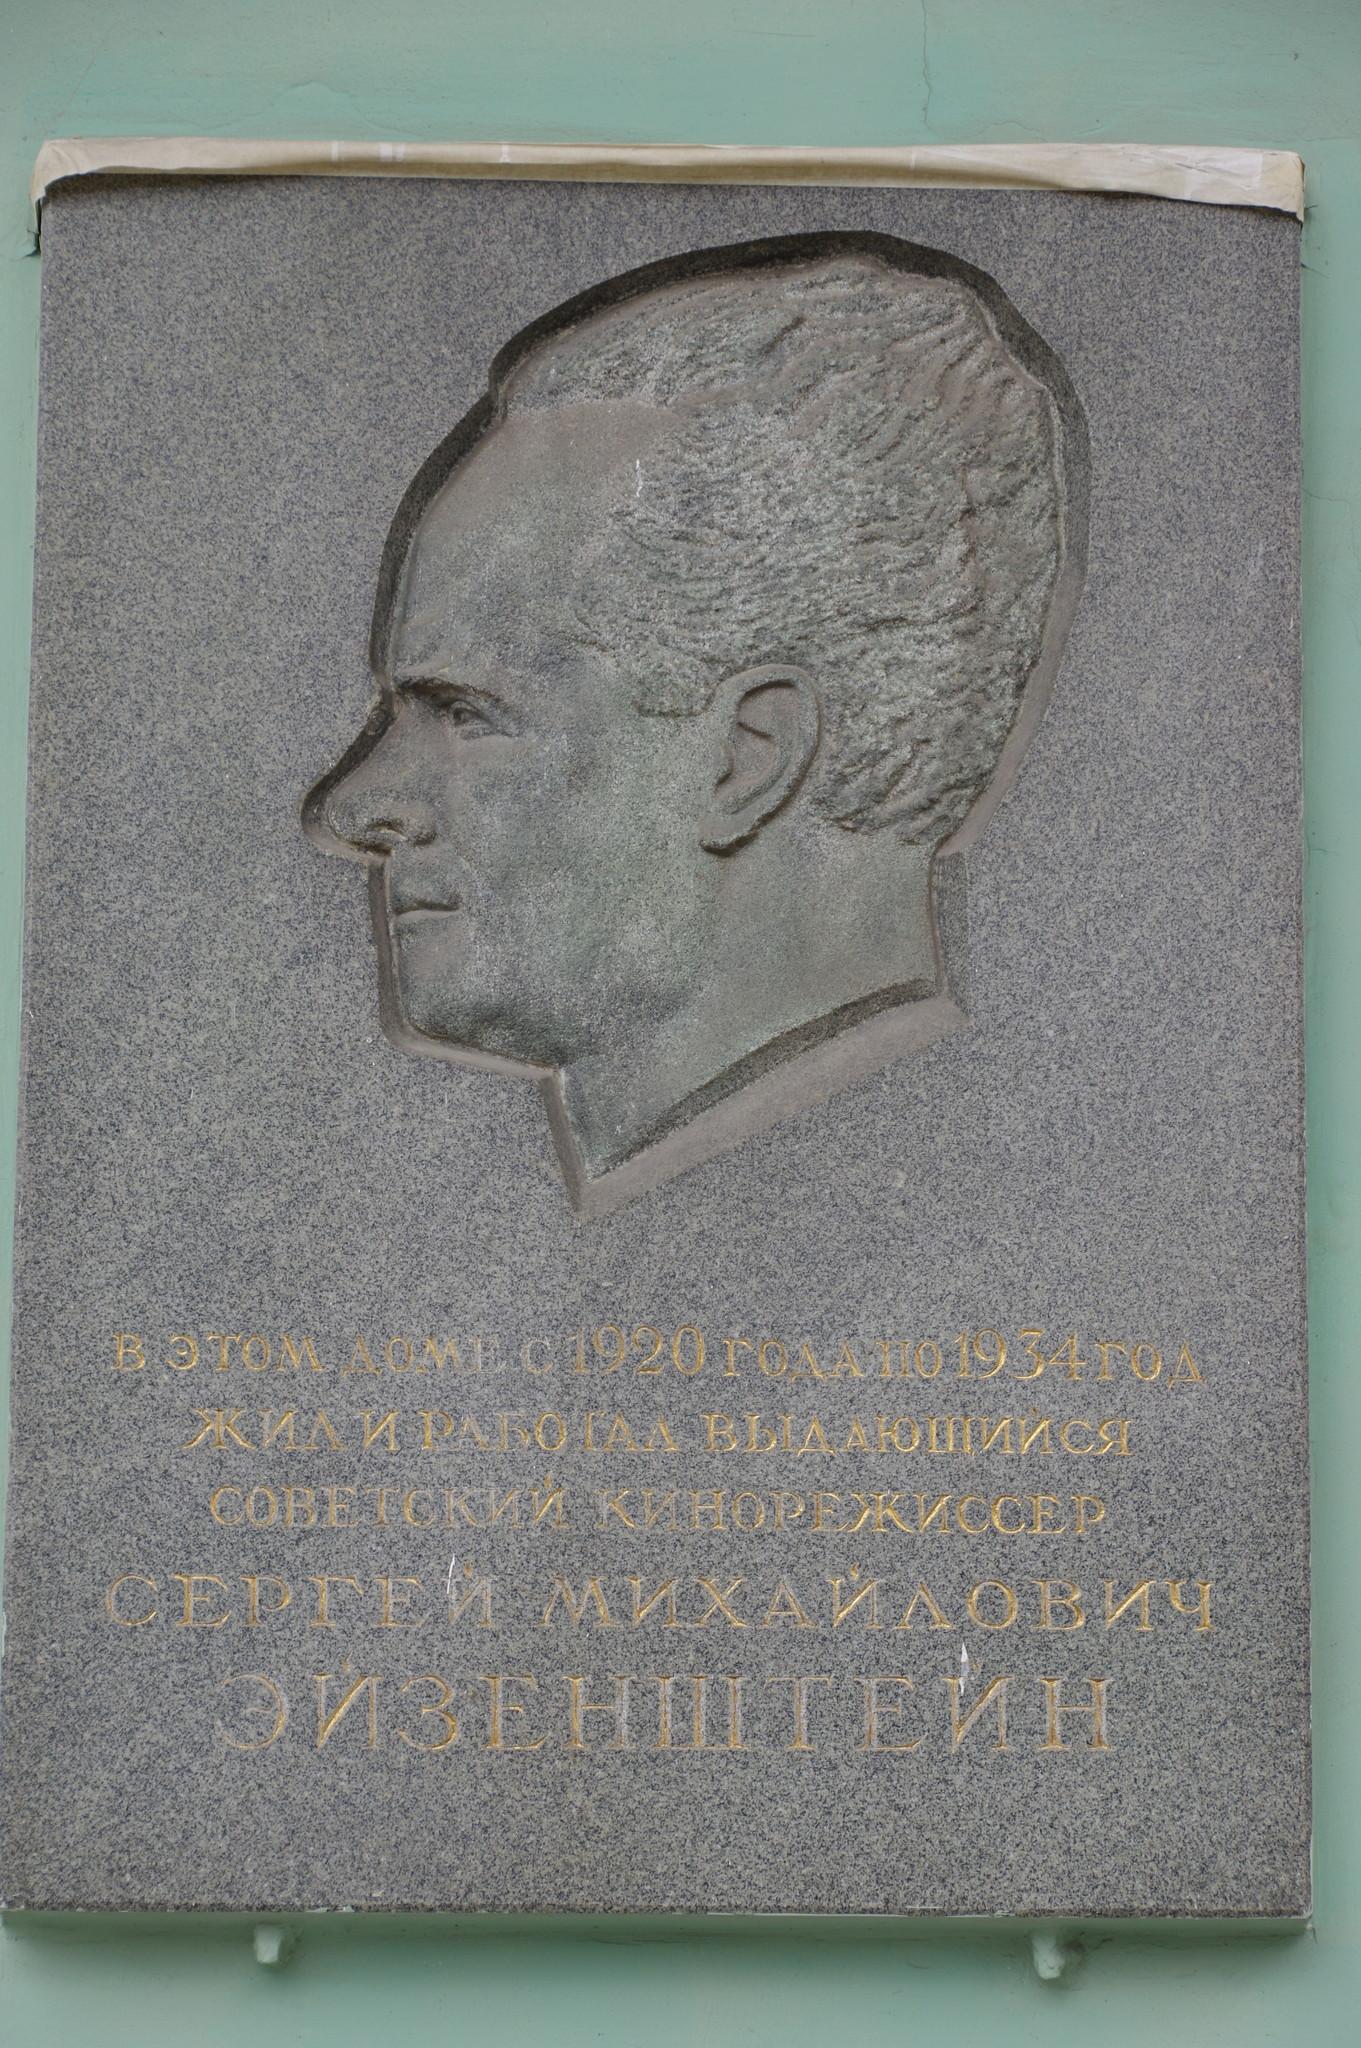 Мемориальная доска на фасаде дома, где с 1920 года по 1934 год жил и работал Сергей Михайлович Эйзенштейн